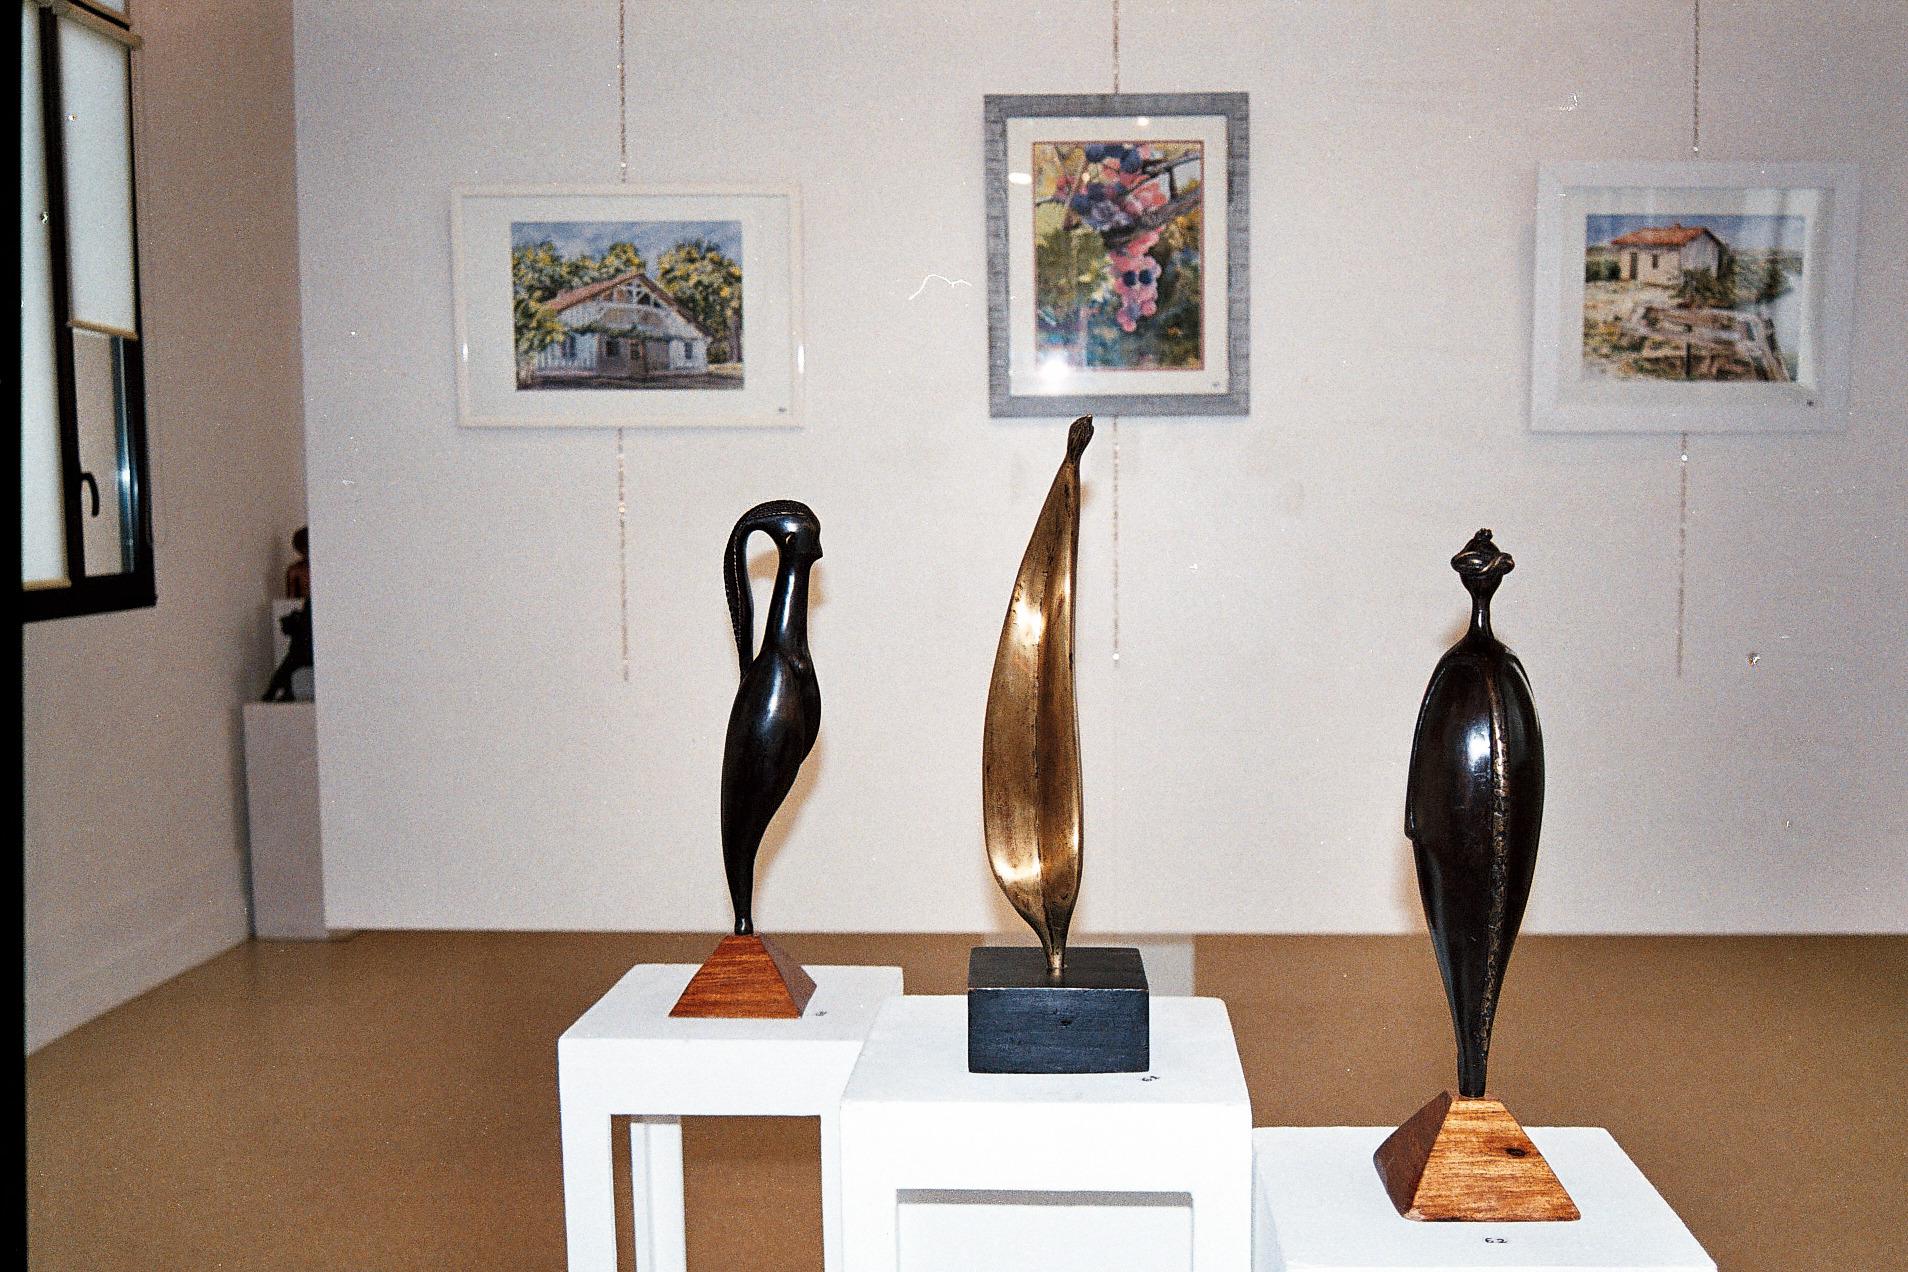 2015 - 33 St Seurin/isle - SATA - Exposition Galerie F. Mitterrand